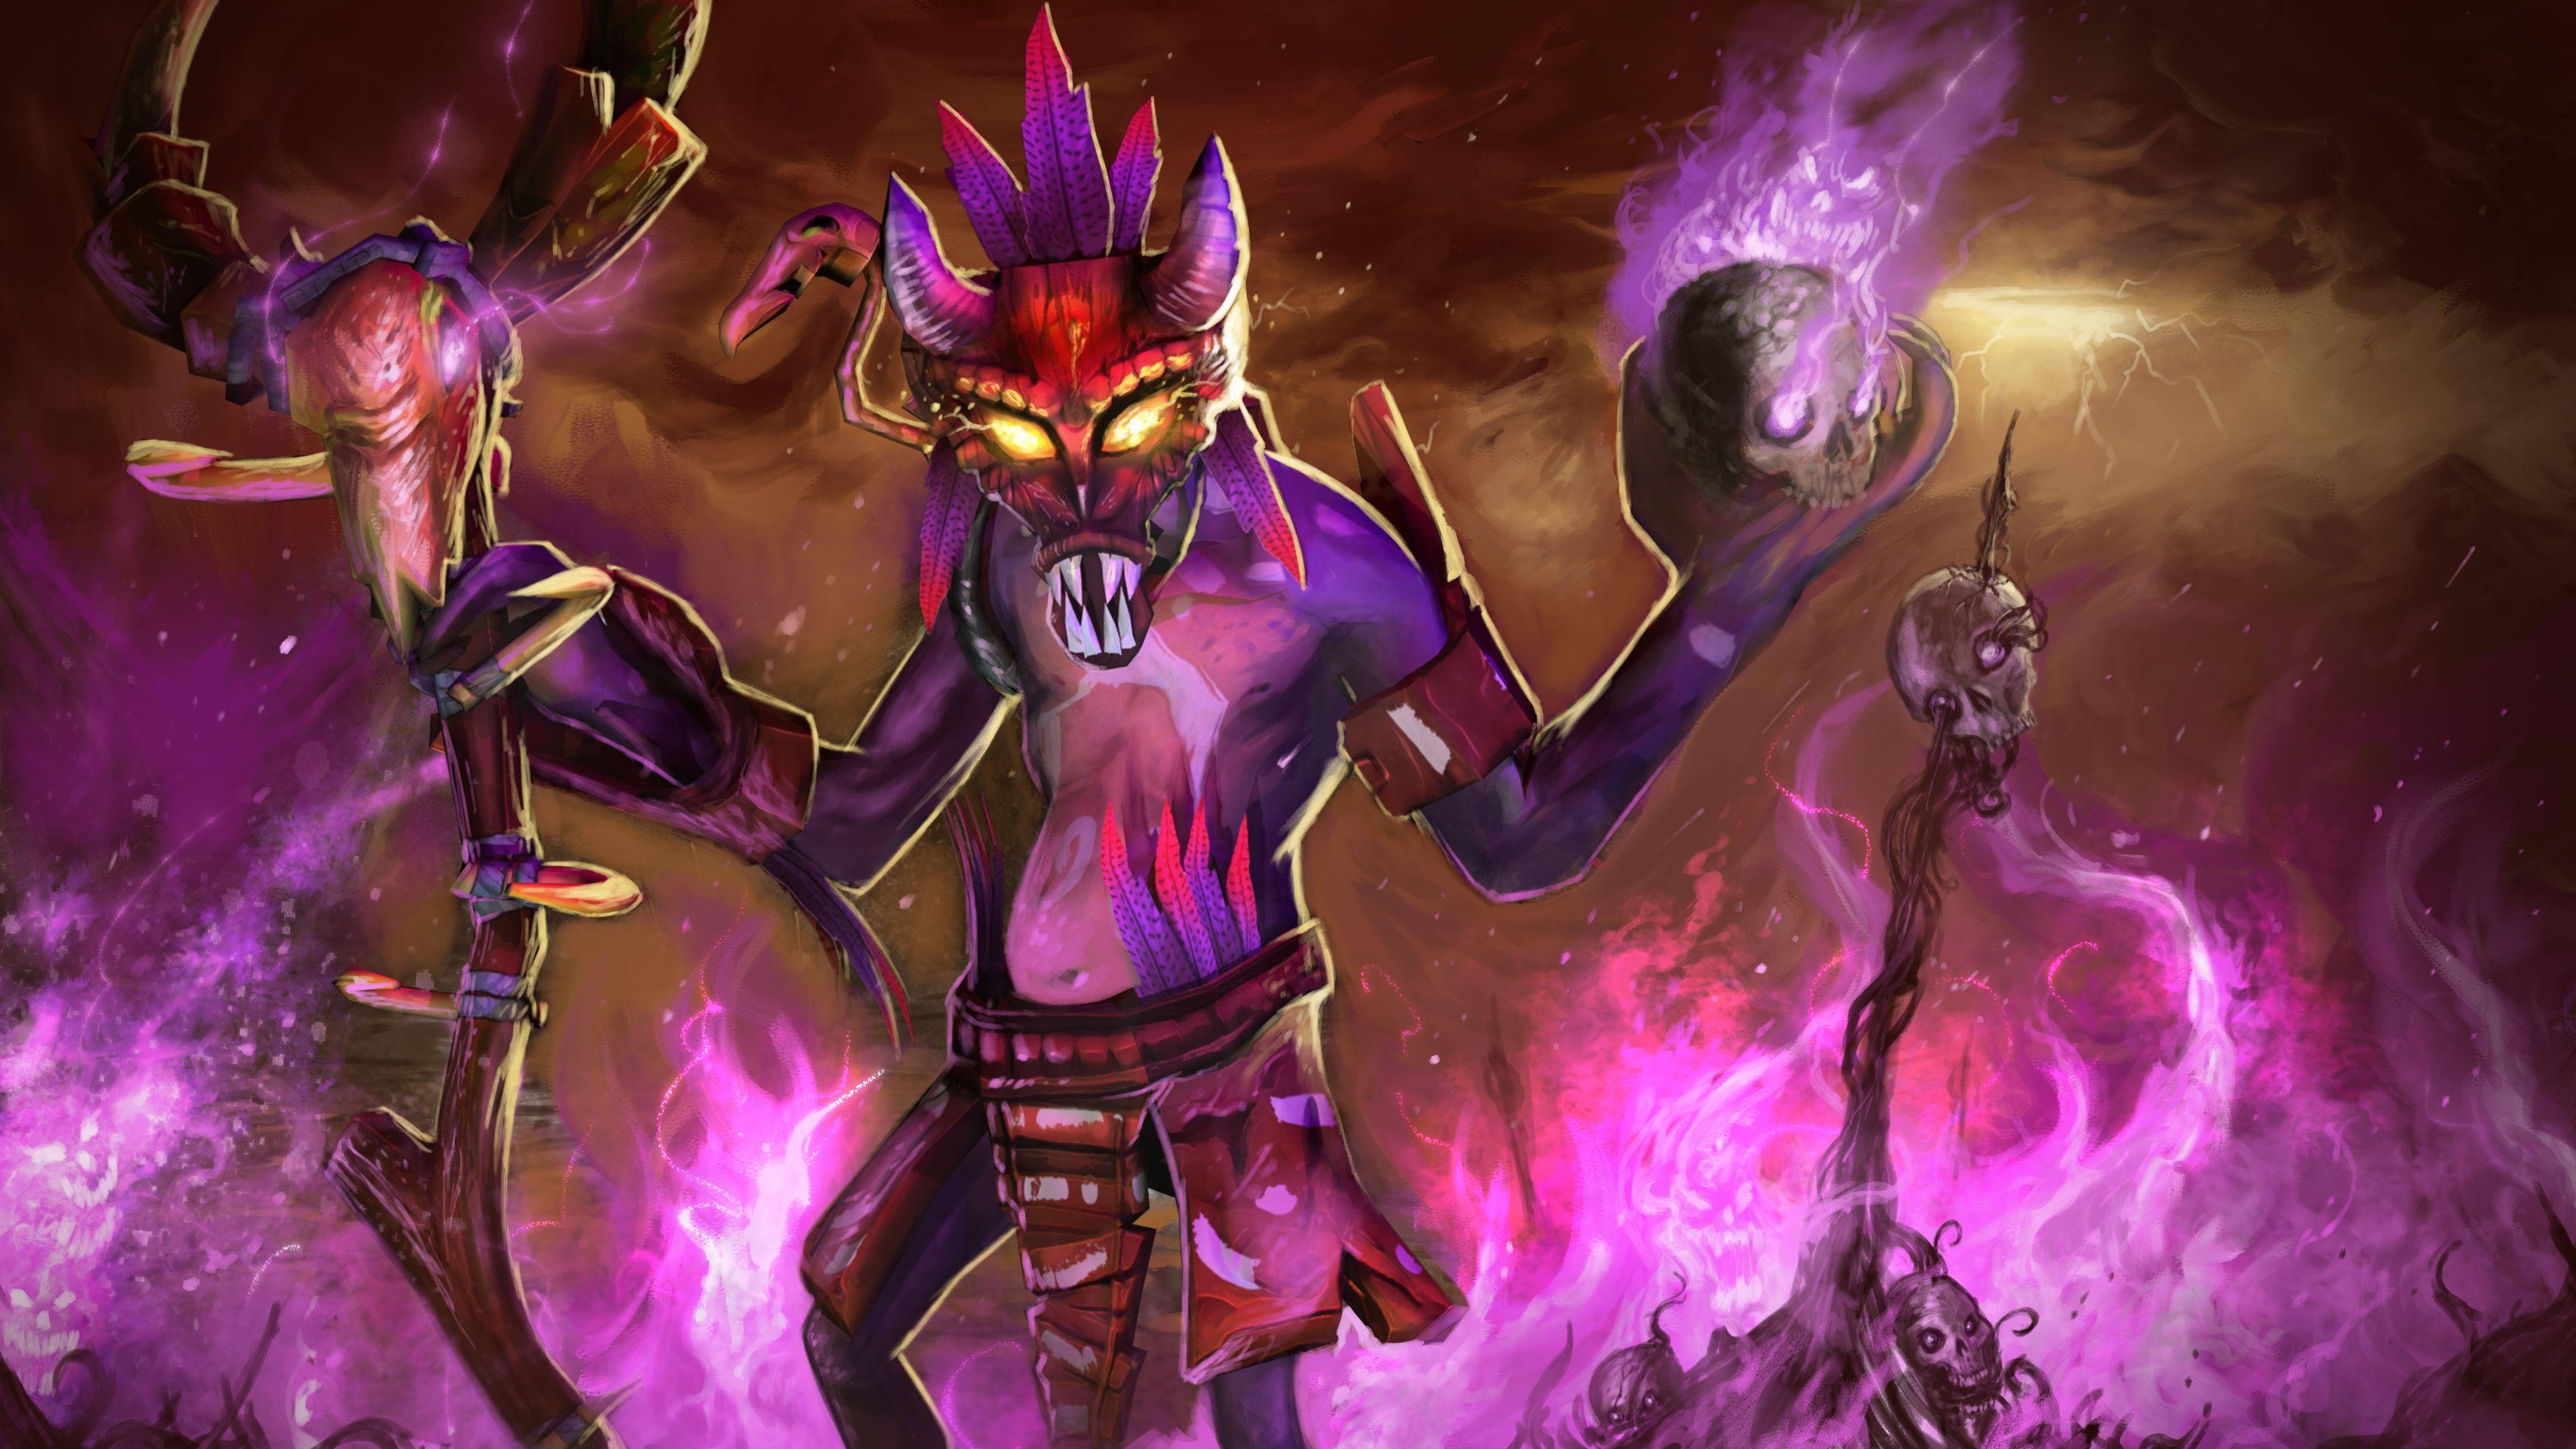 Steam Workshop :: The Devilish Doctor | Devilish, Workshop, Character